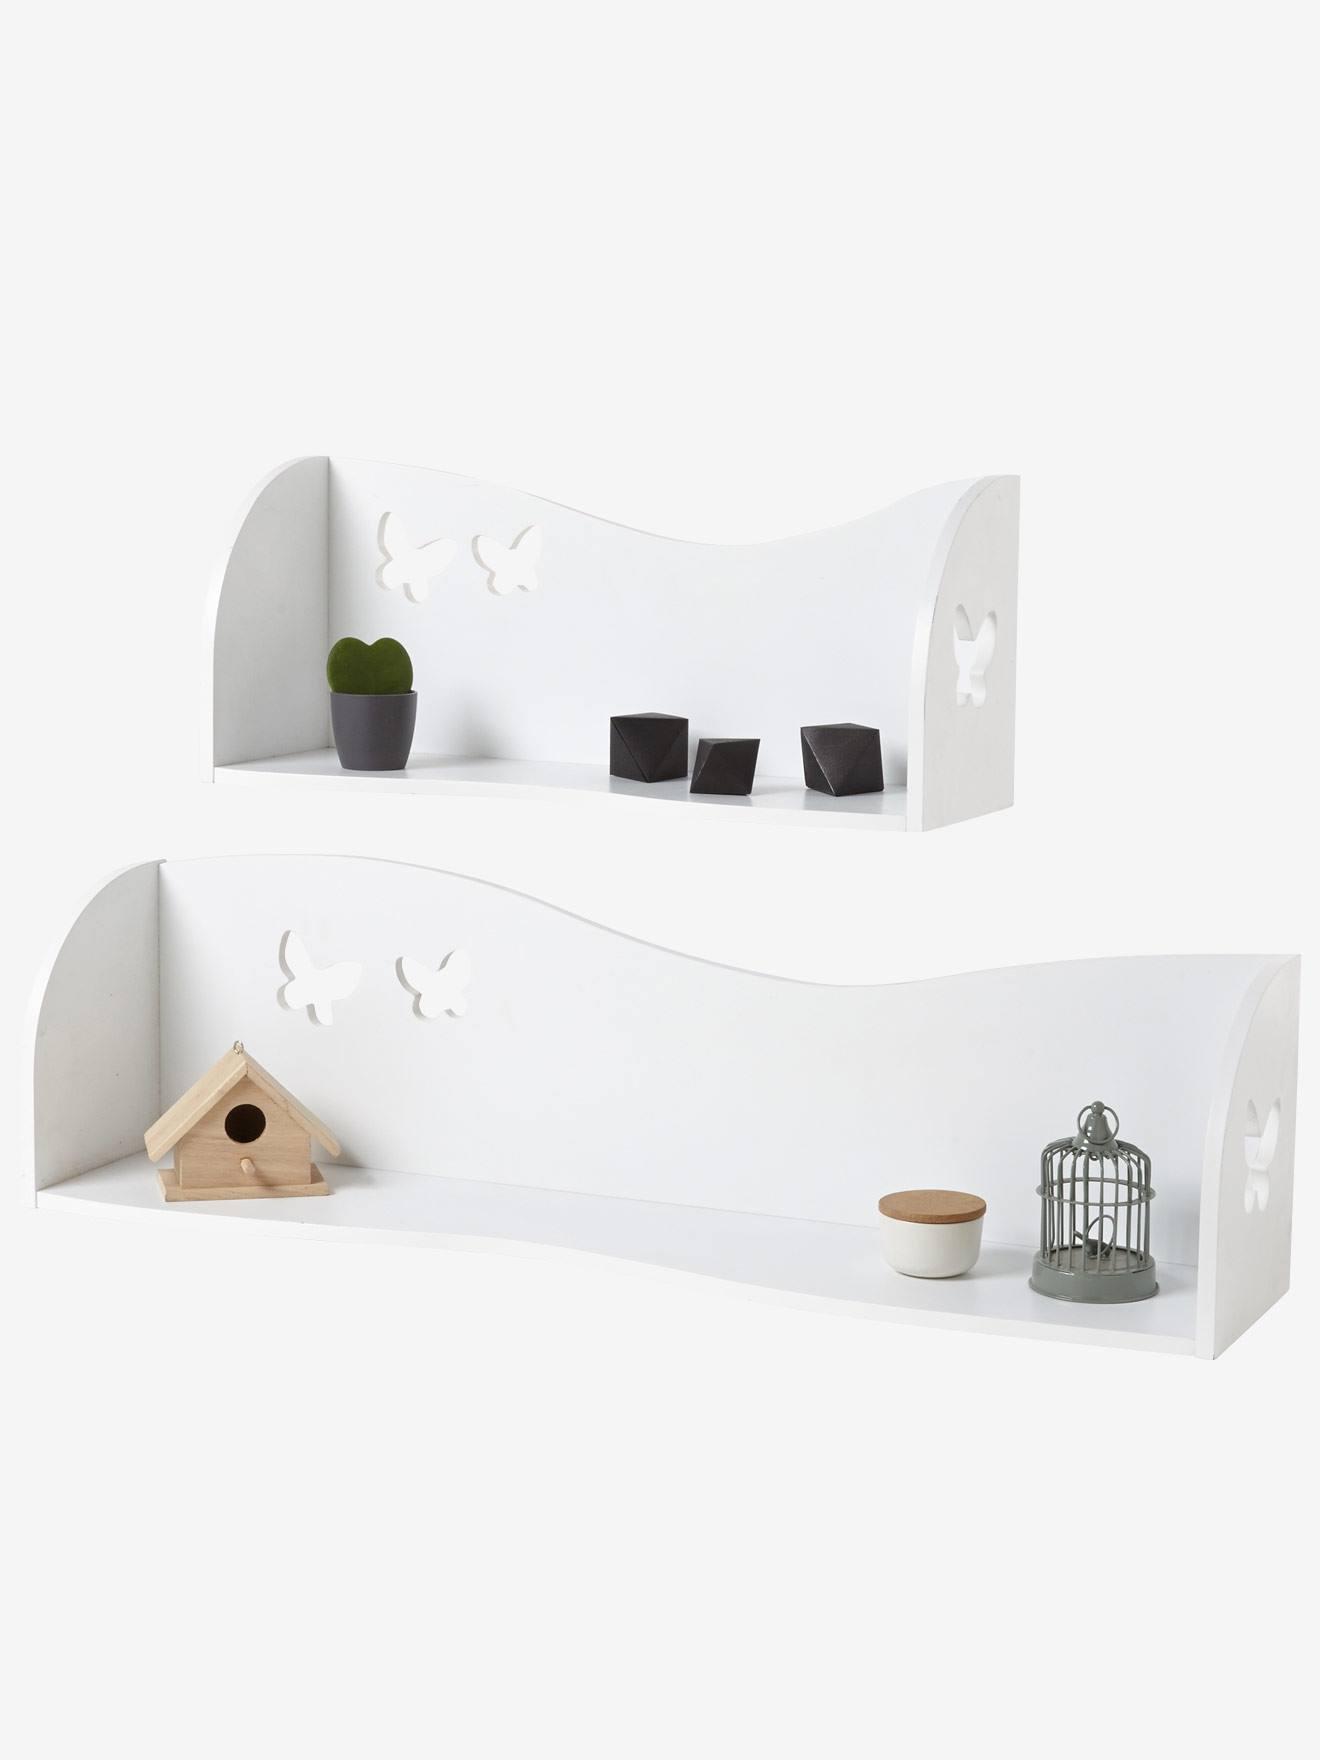 Wandregal für Kinderzimmer, Deko & Aufbewahren